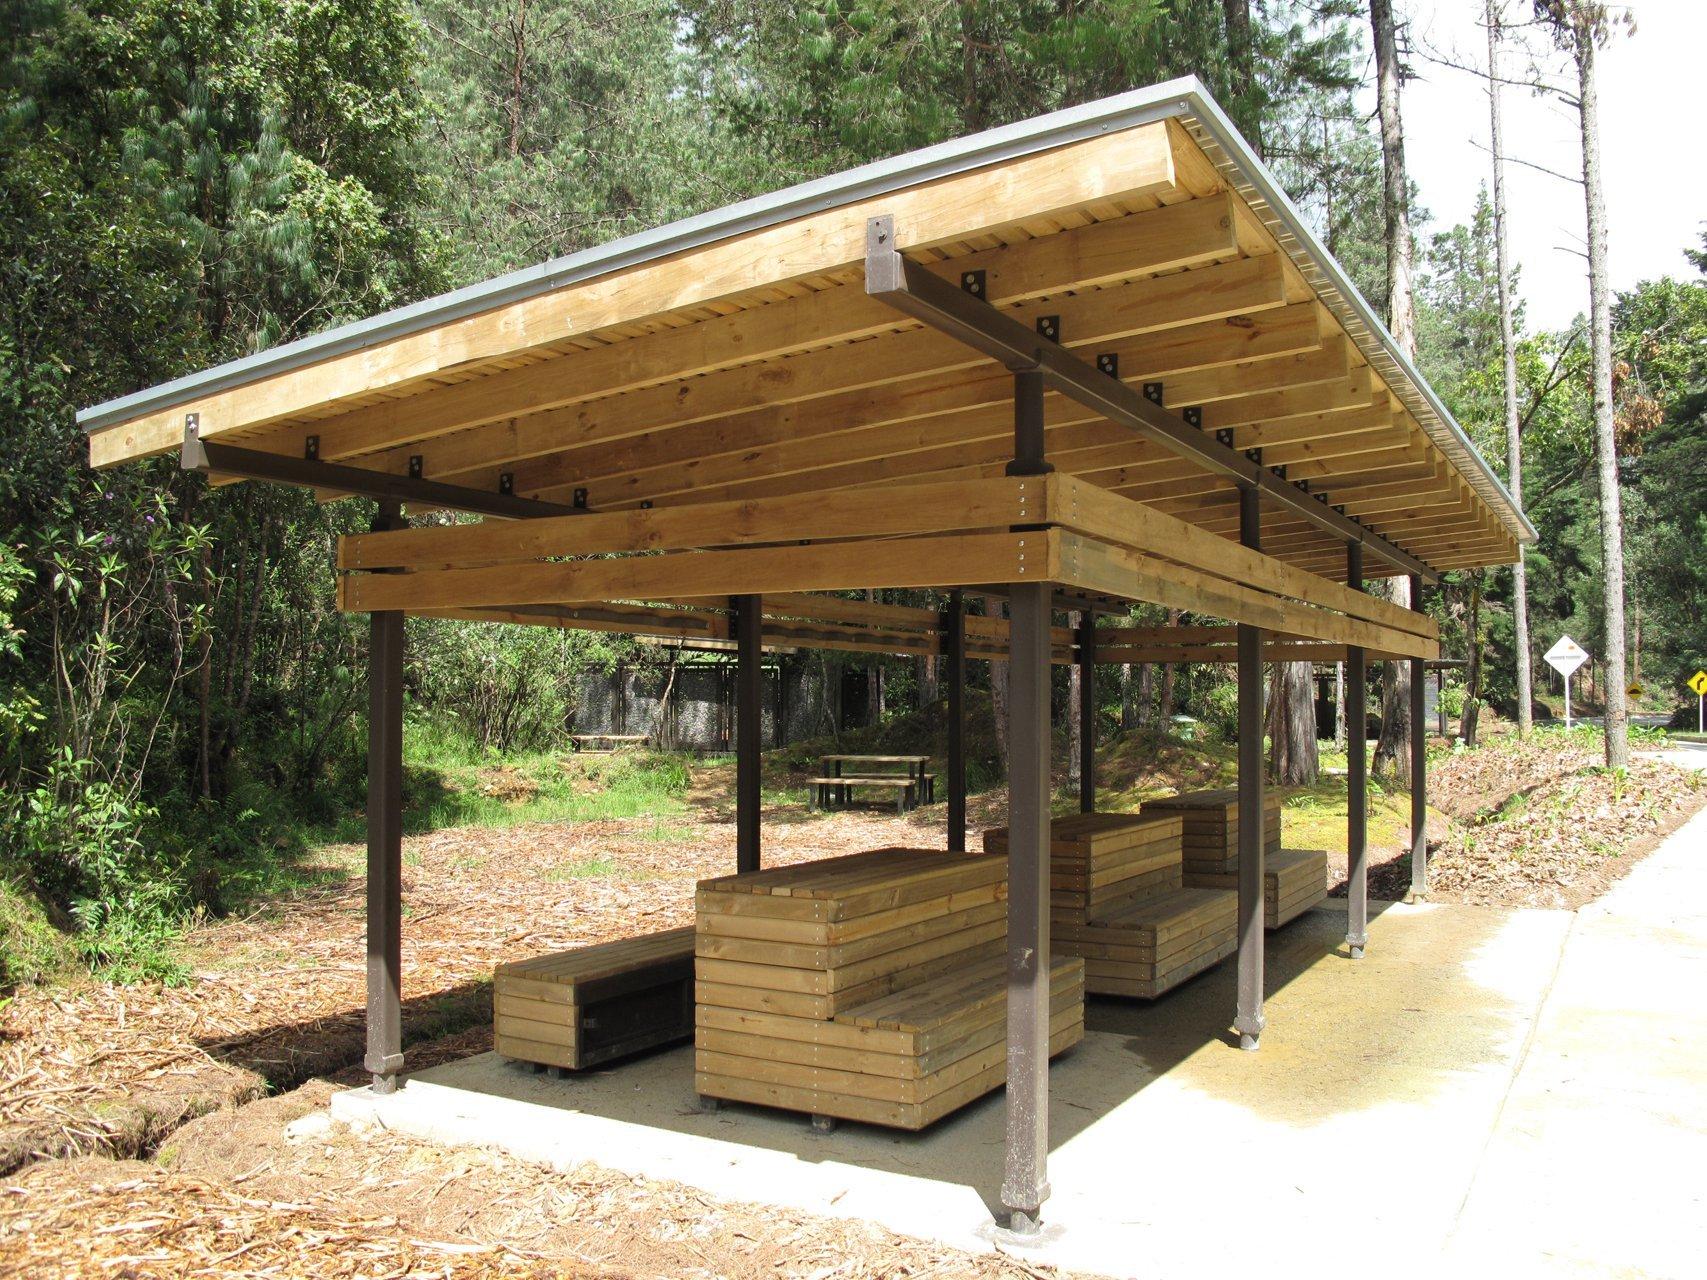 Galer A De Mobiliario Urbano Para El Parque Arvi Escala